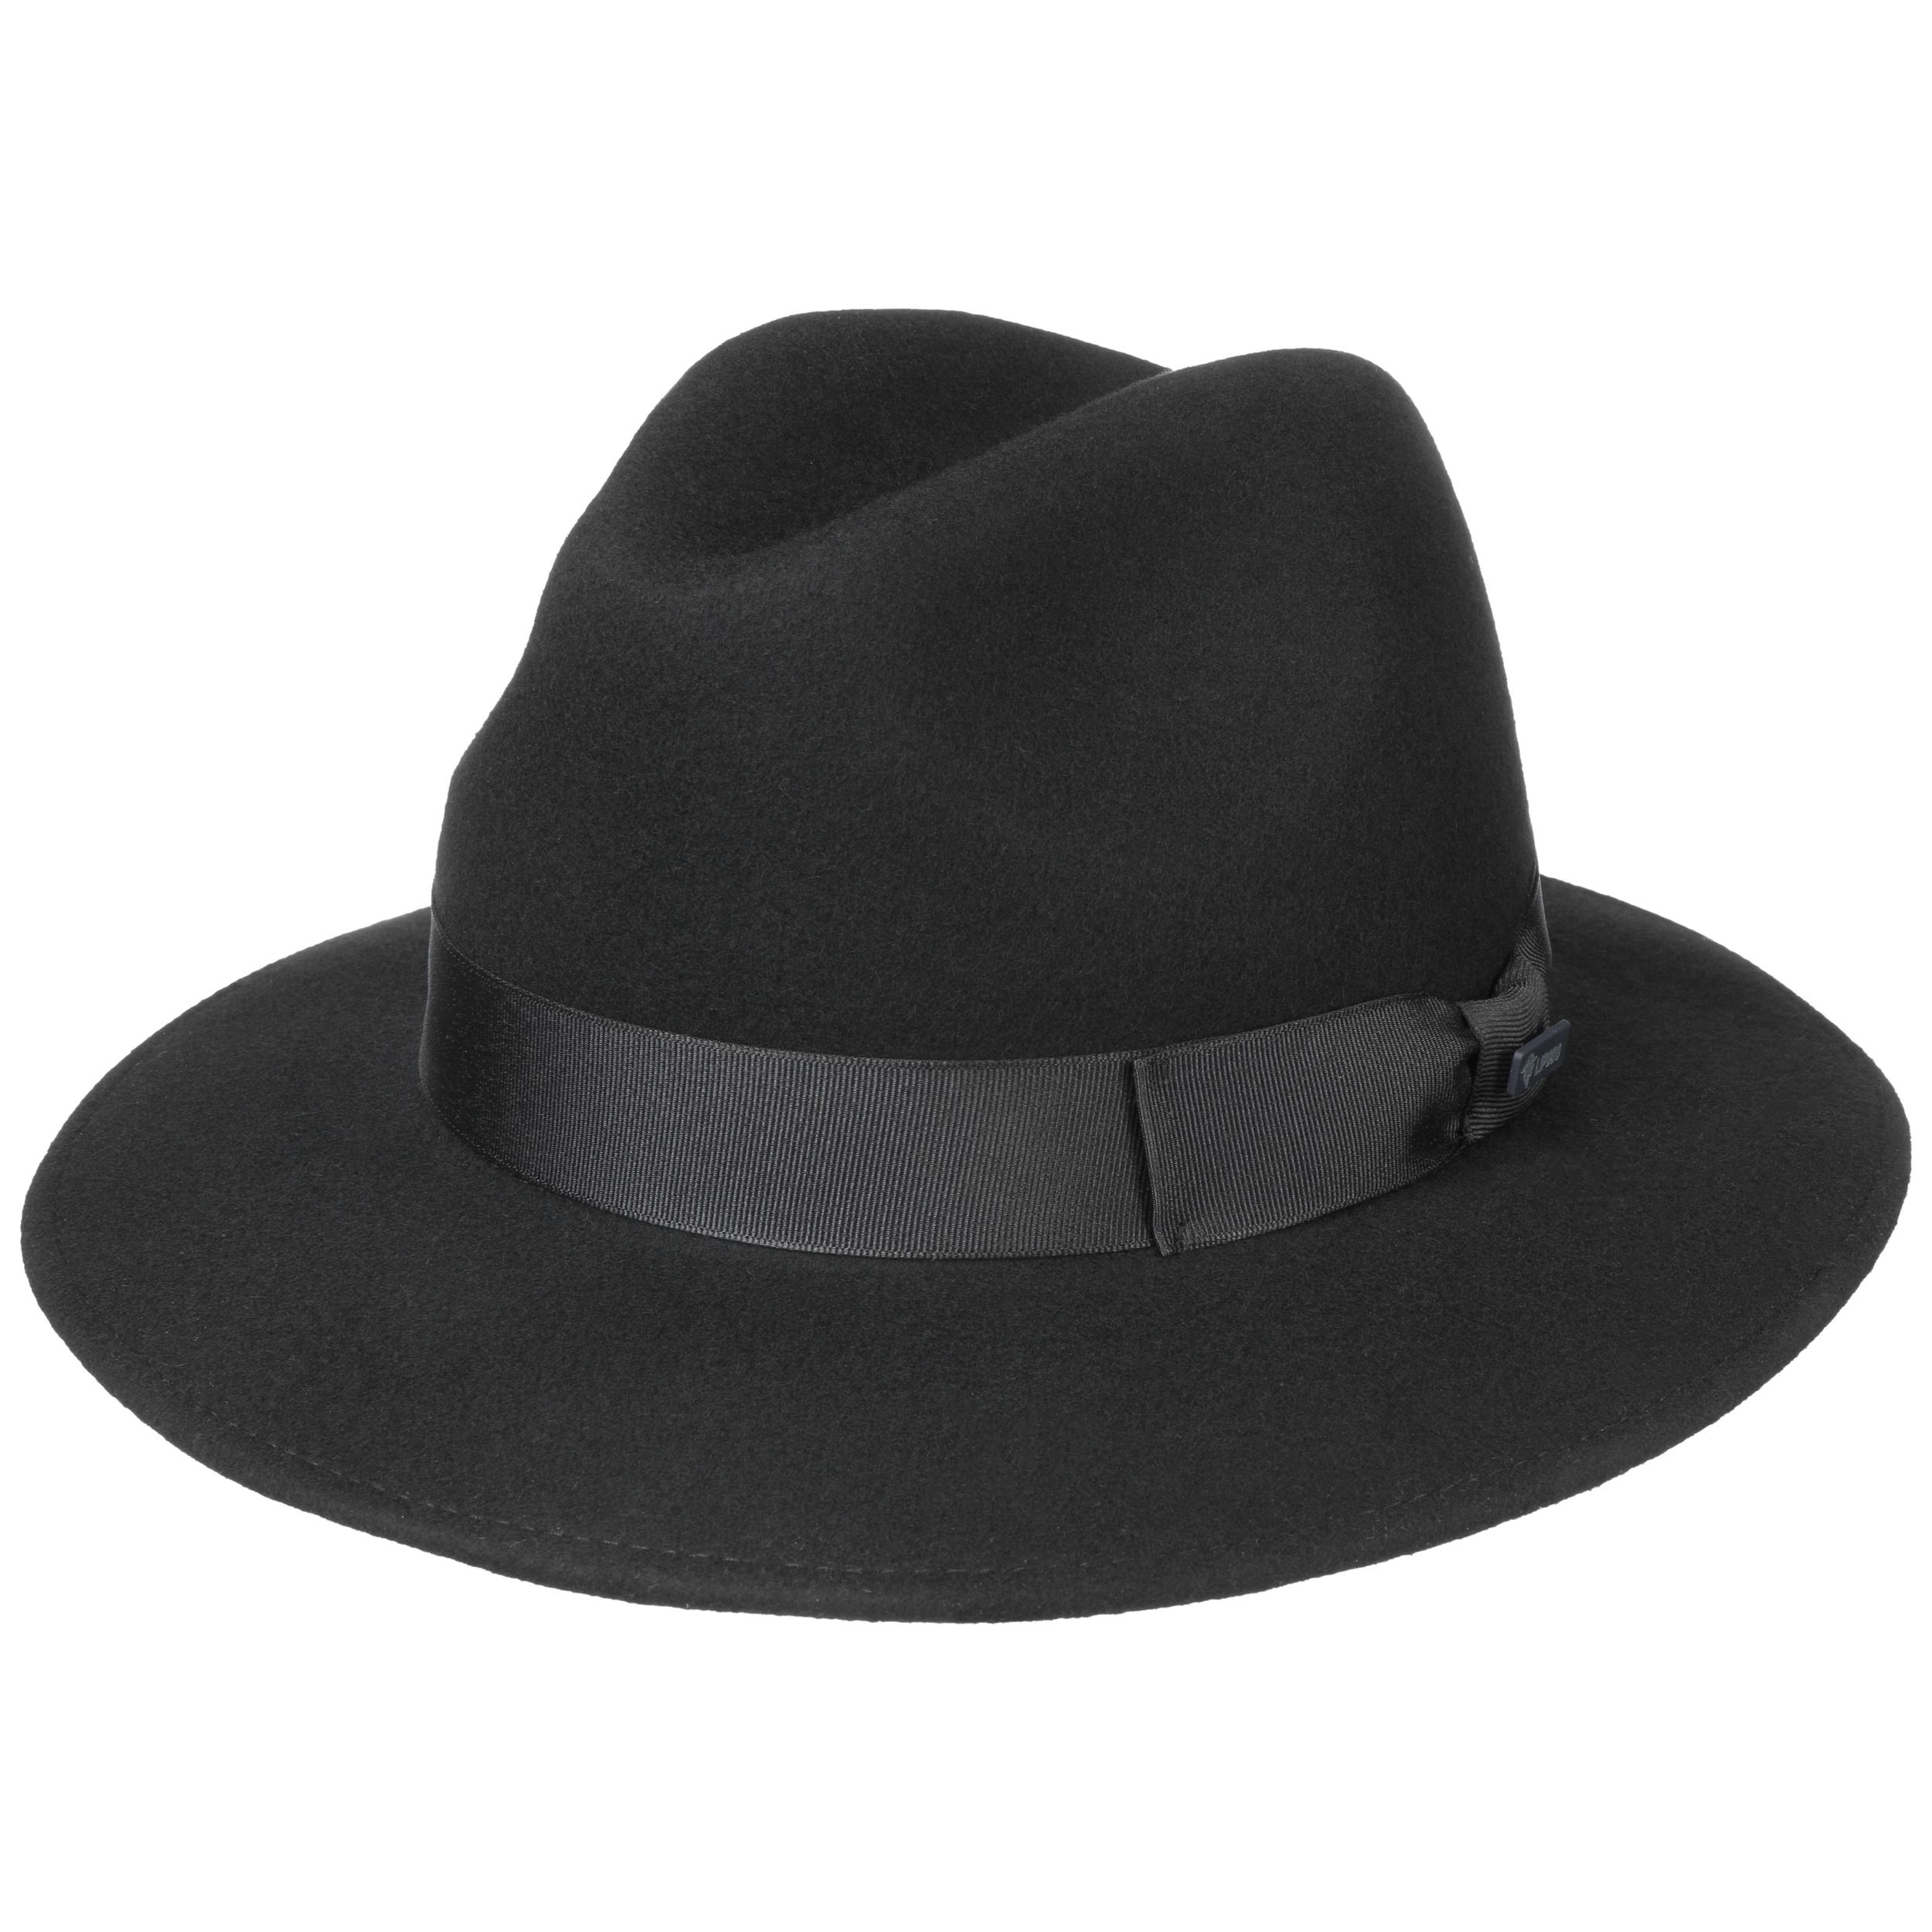 New York Traveller Felt Hat by Lipodo 23243559ff2